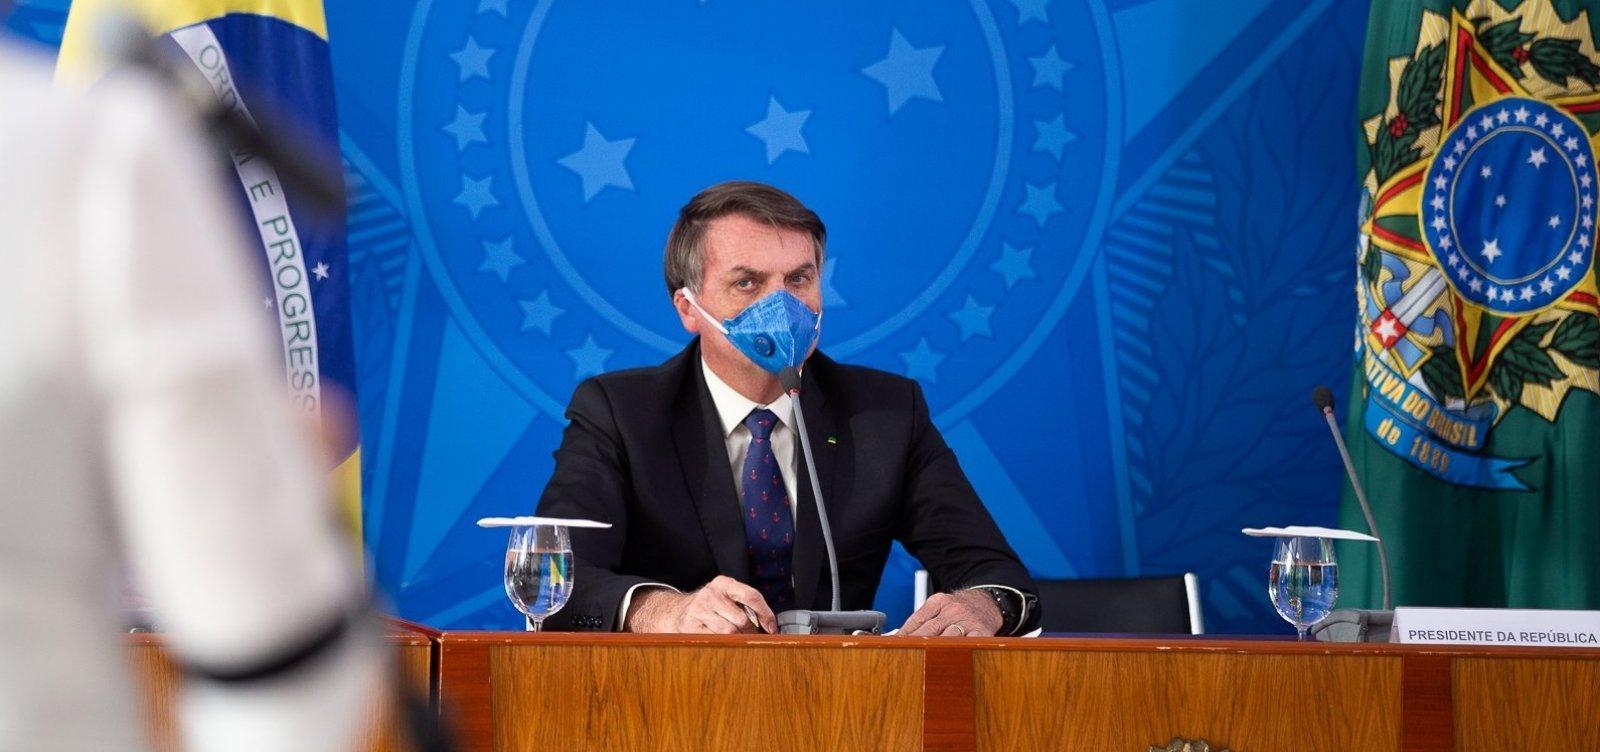 Bolsonaro critica Facebook, fala em tributar redes sociais e diz que 'o certo' é tirar jornais de circulação